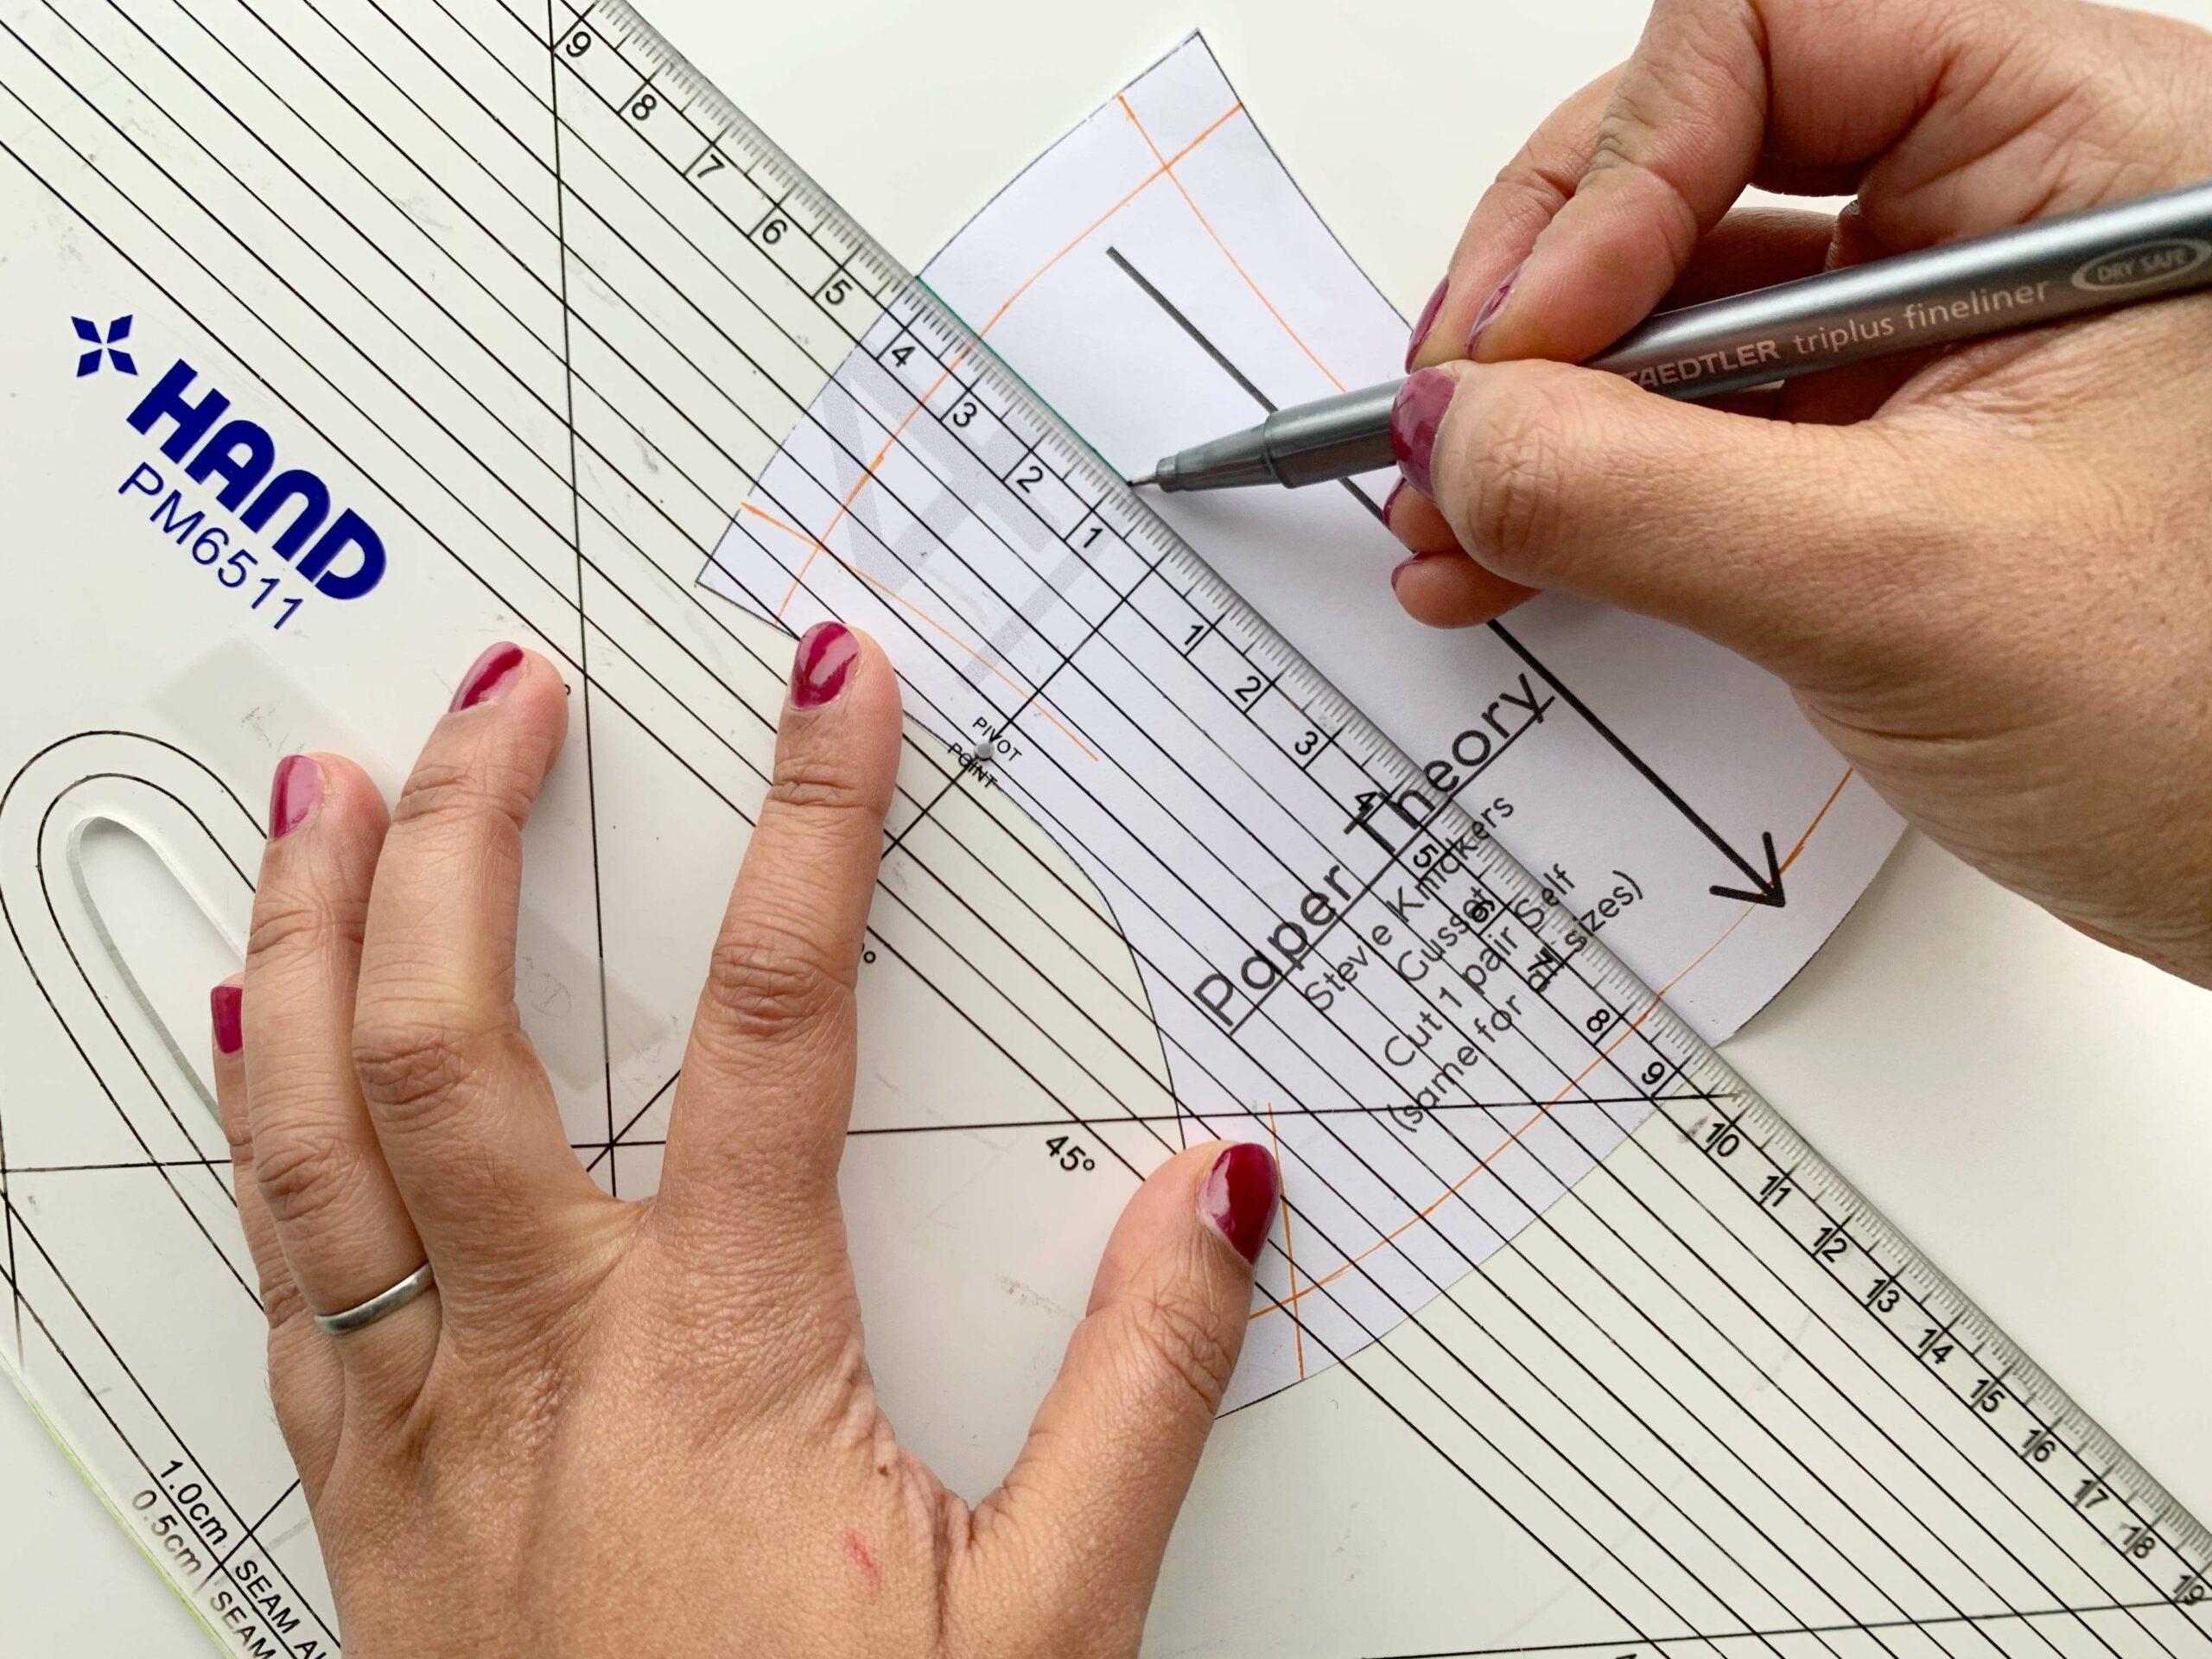 Zeichne das neue Unterwäschemuster, indem Sie Stichlinien auf dem Papier markierst